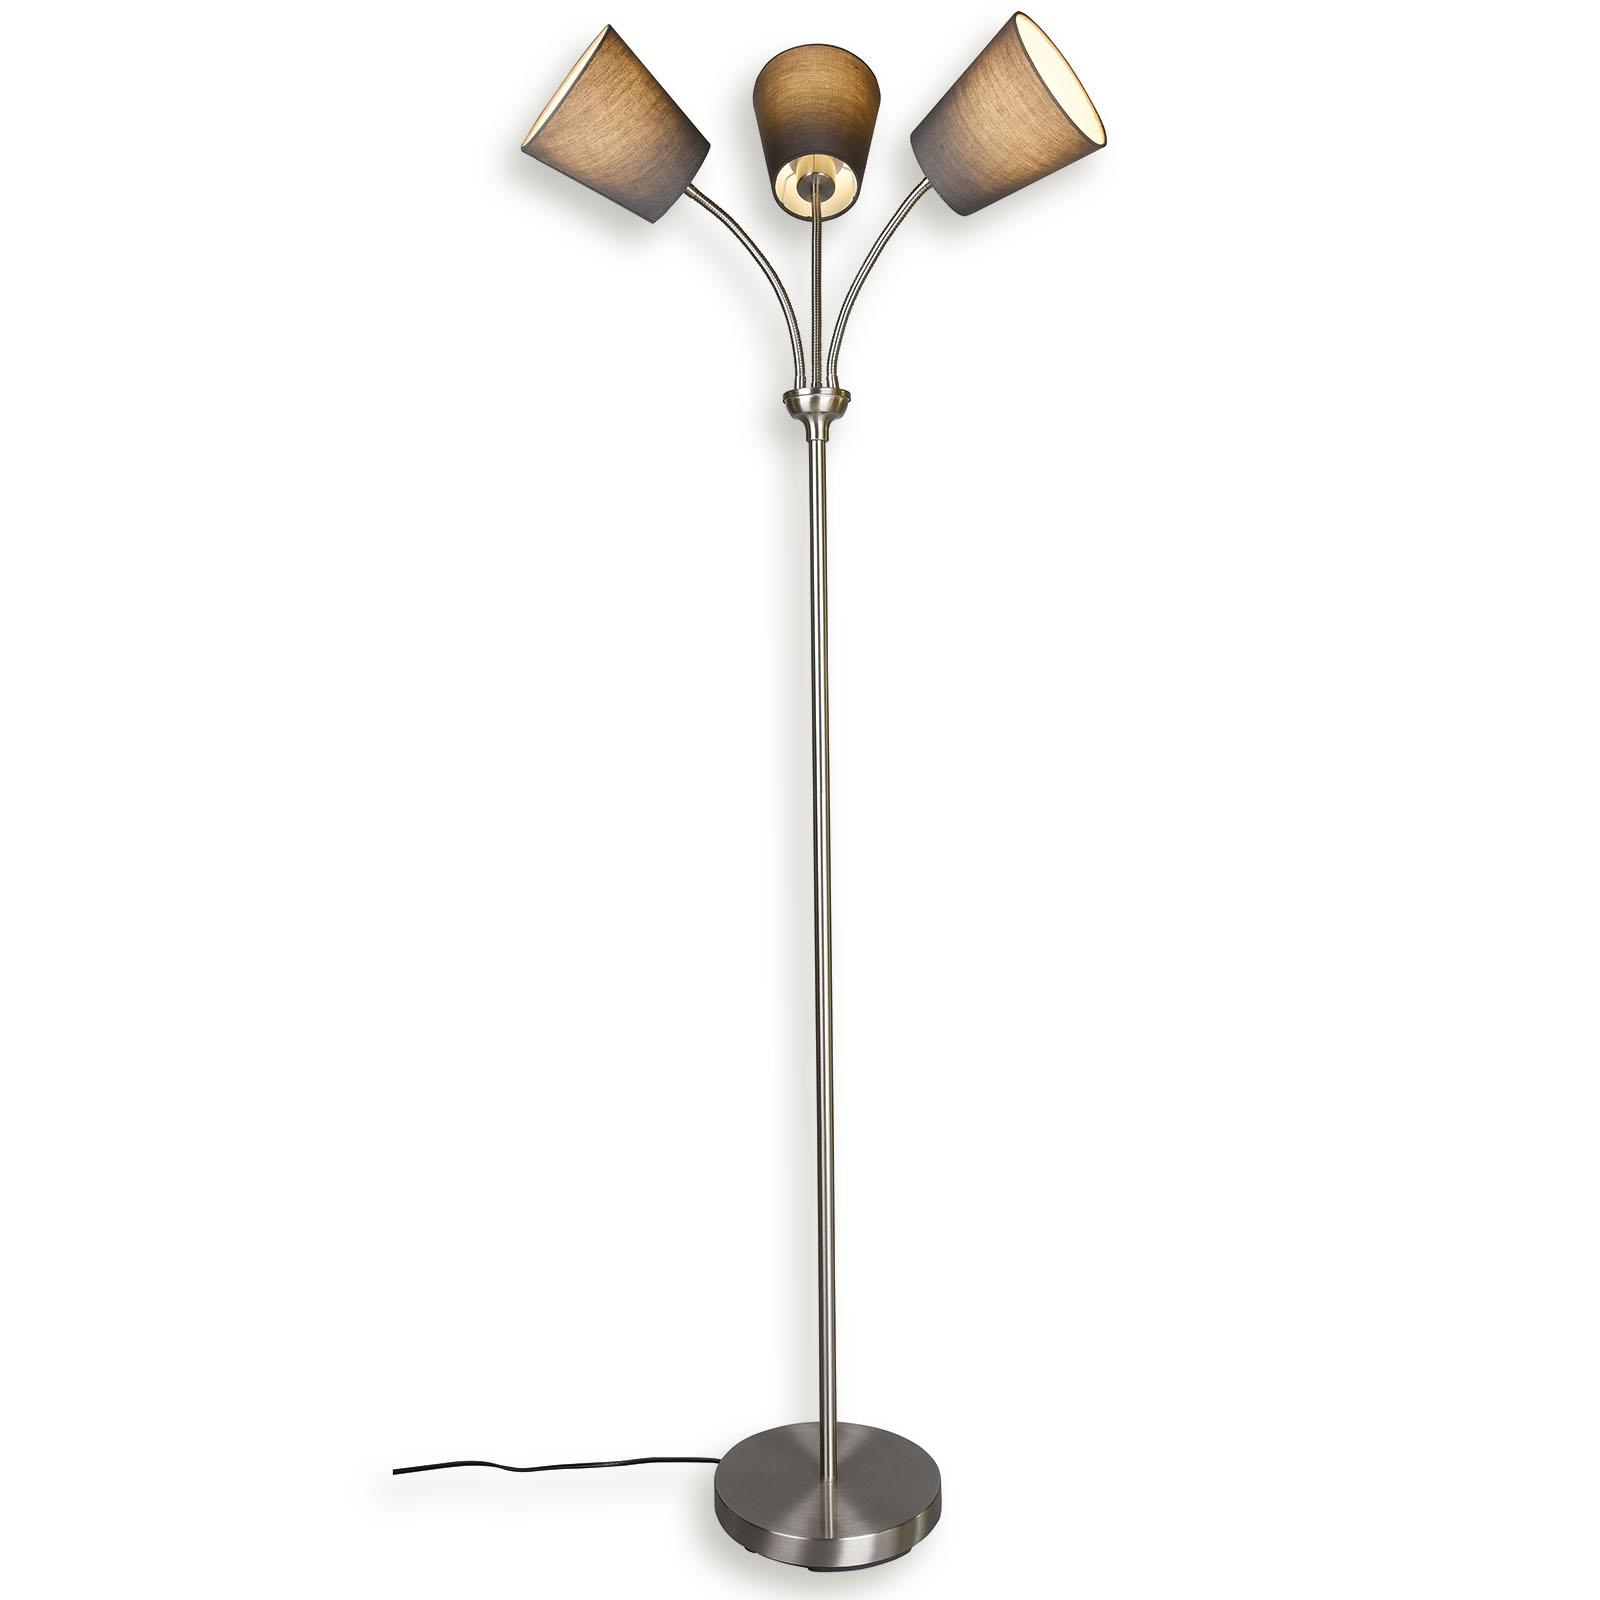 Lampura Stehlampe Grau Flexarme Online Bei Roller Kaufen